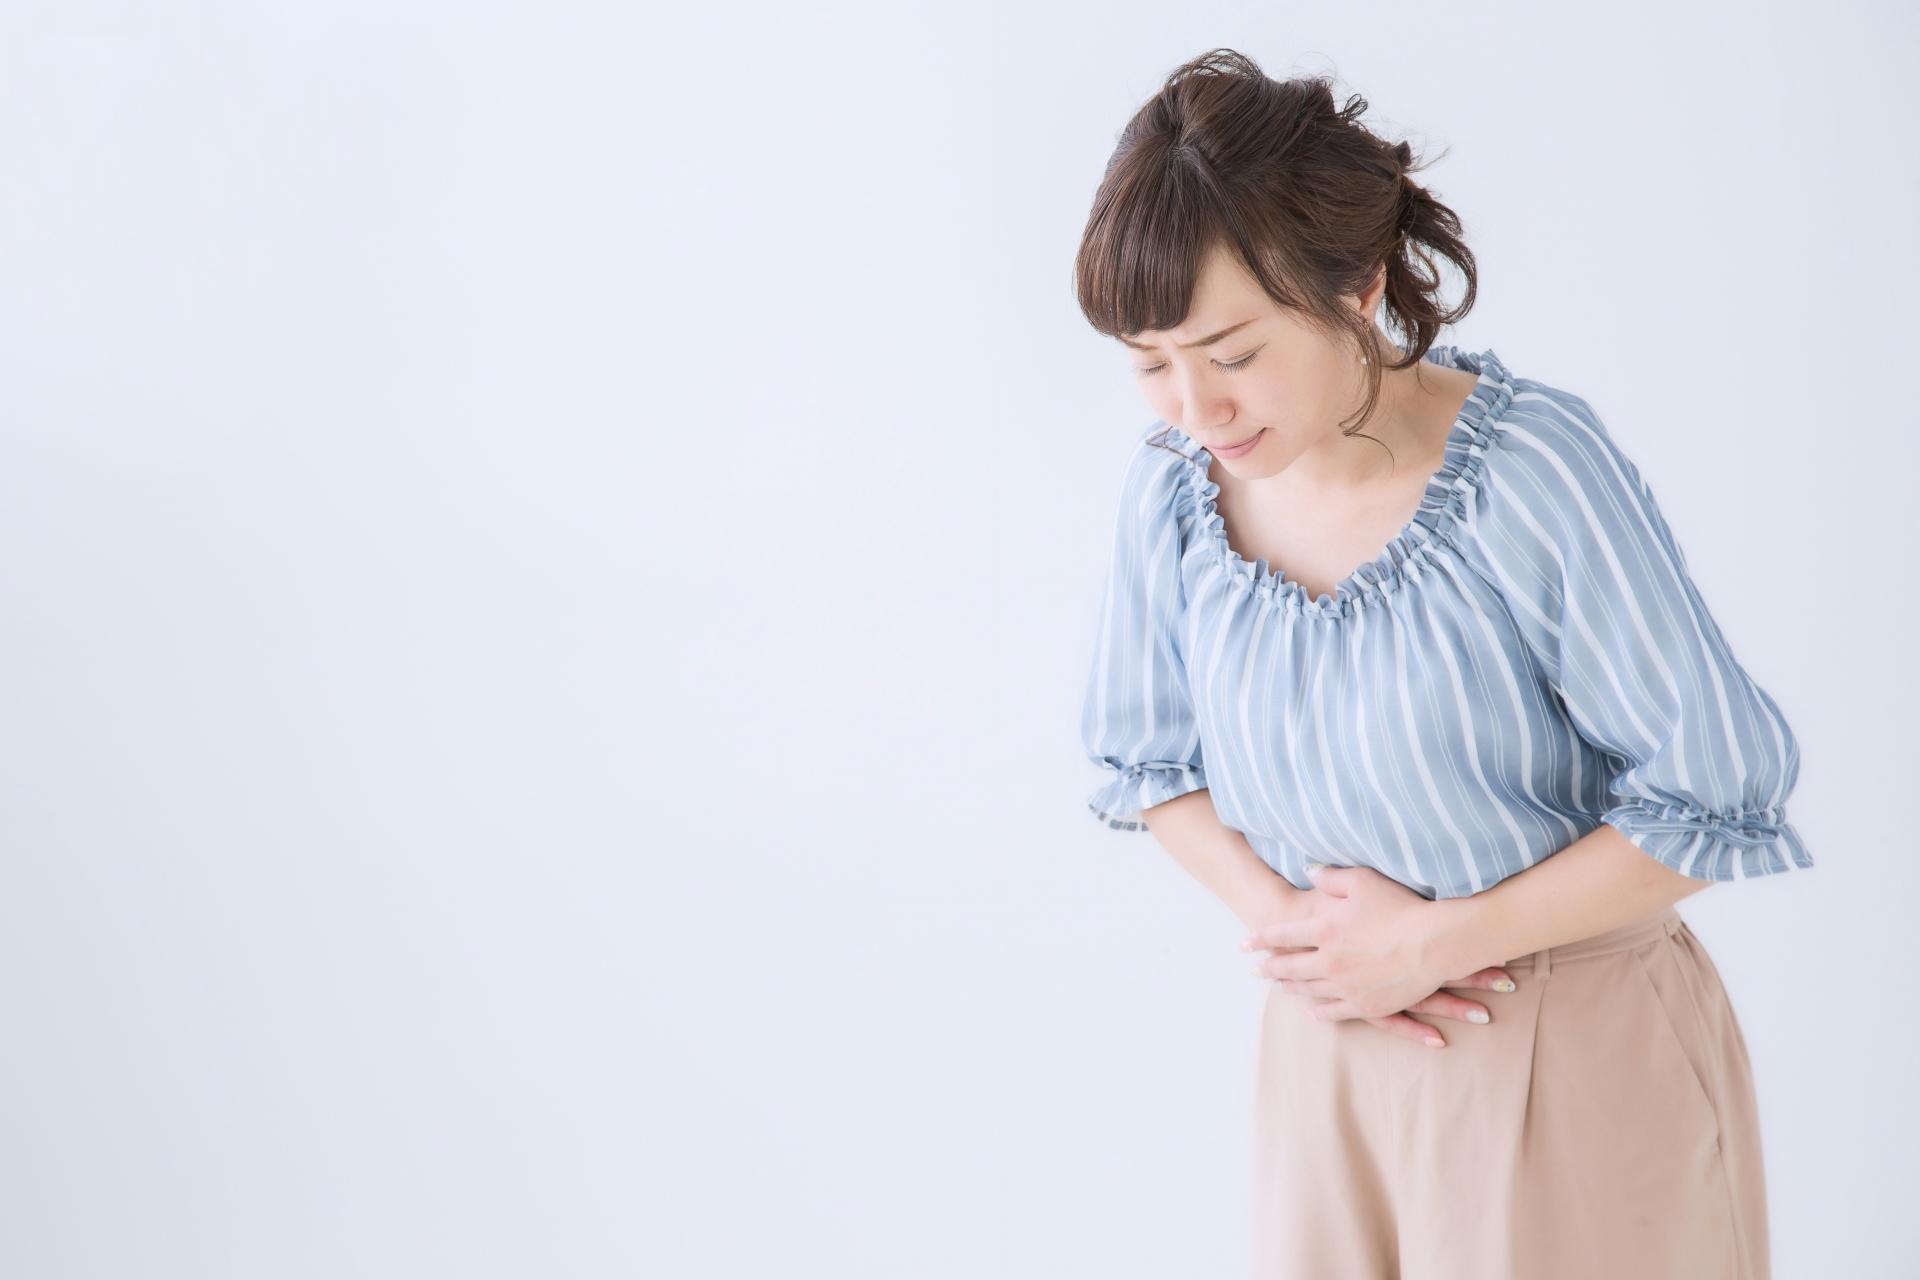 産後に便秘になってしまう原因と対処法について解説